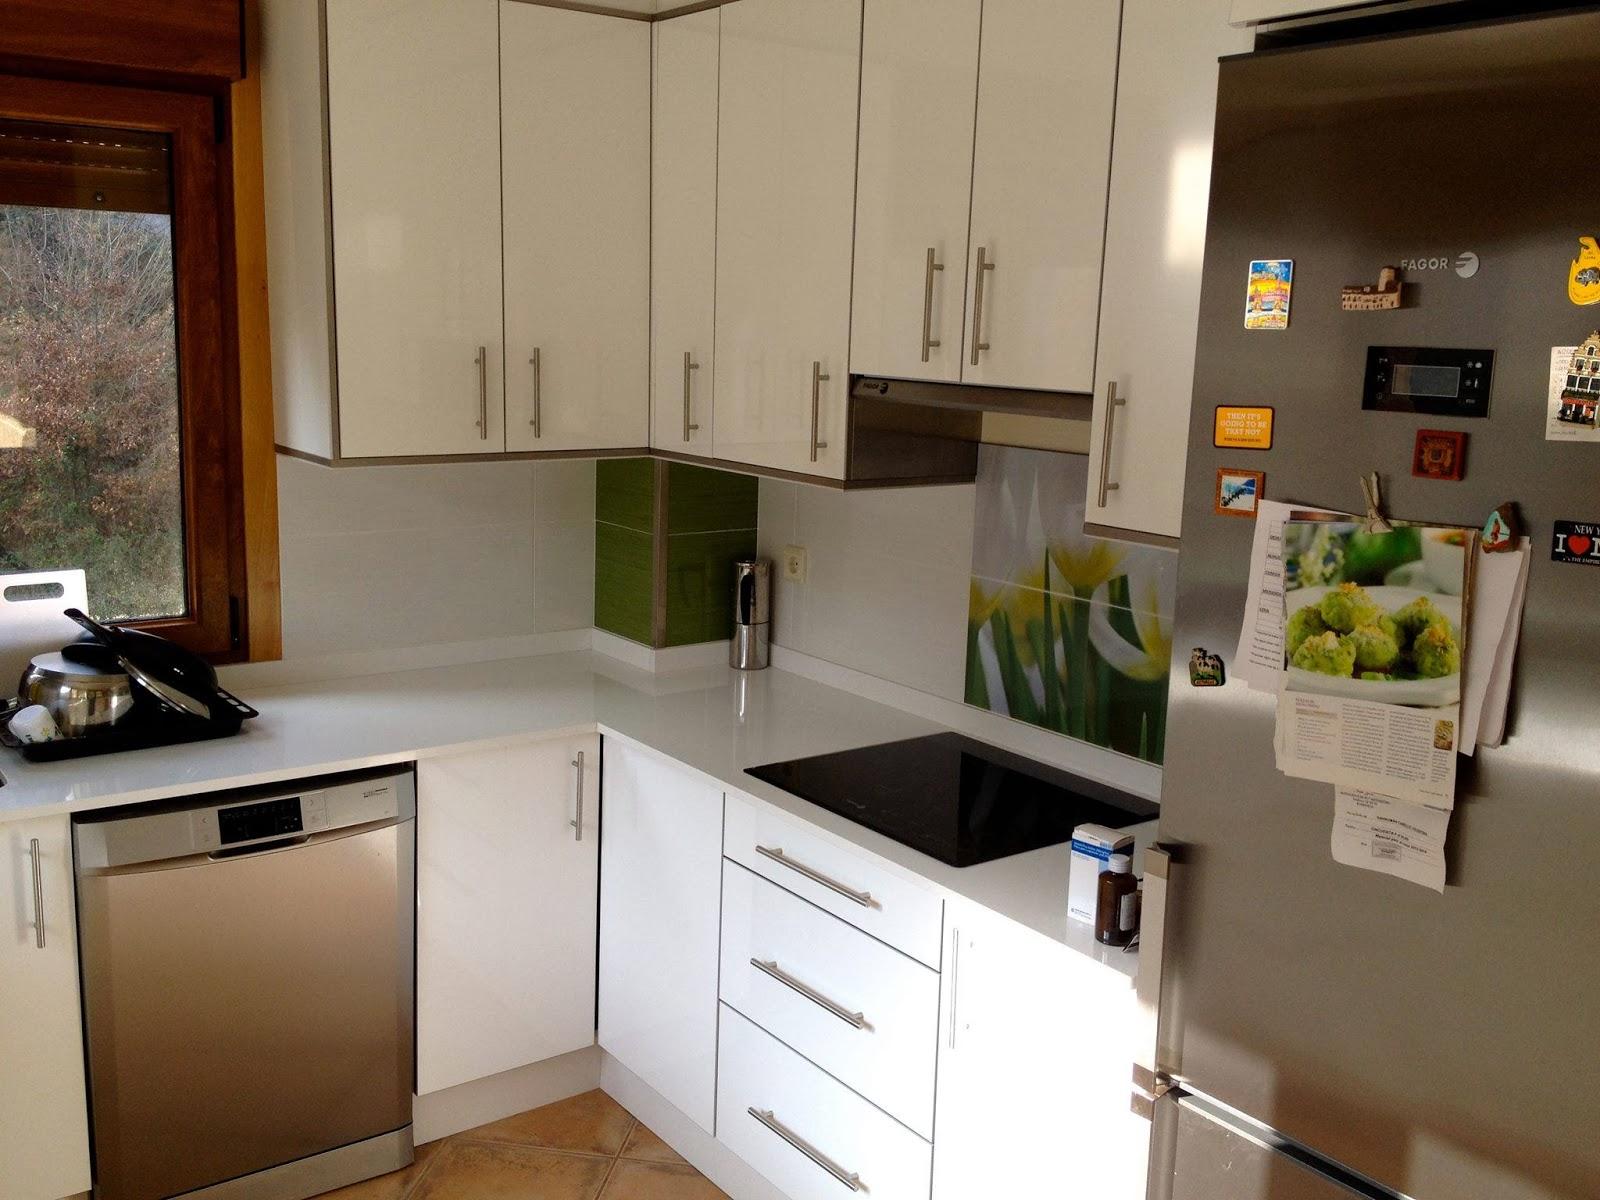 Cocina con puertas blancas de la gama alto brillo con 4 - Cocinas blancas brillo ...